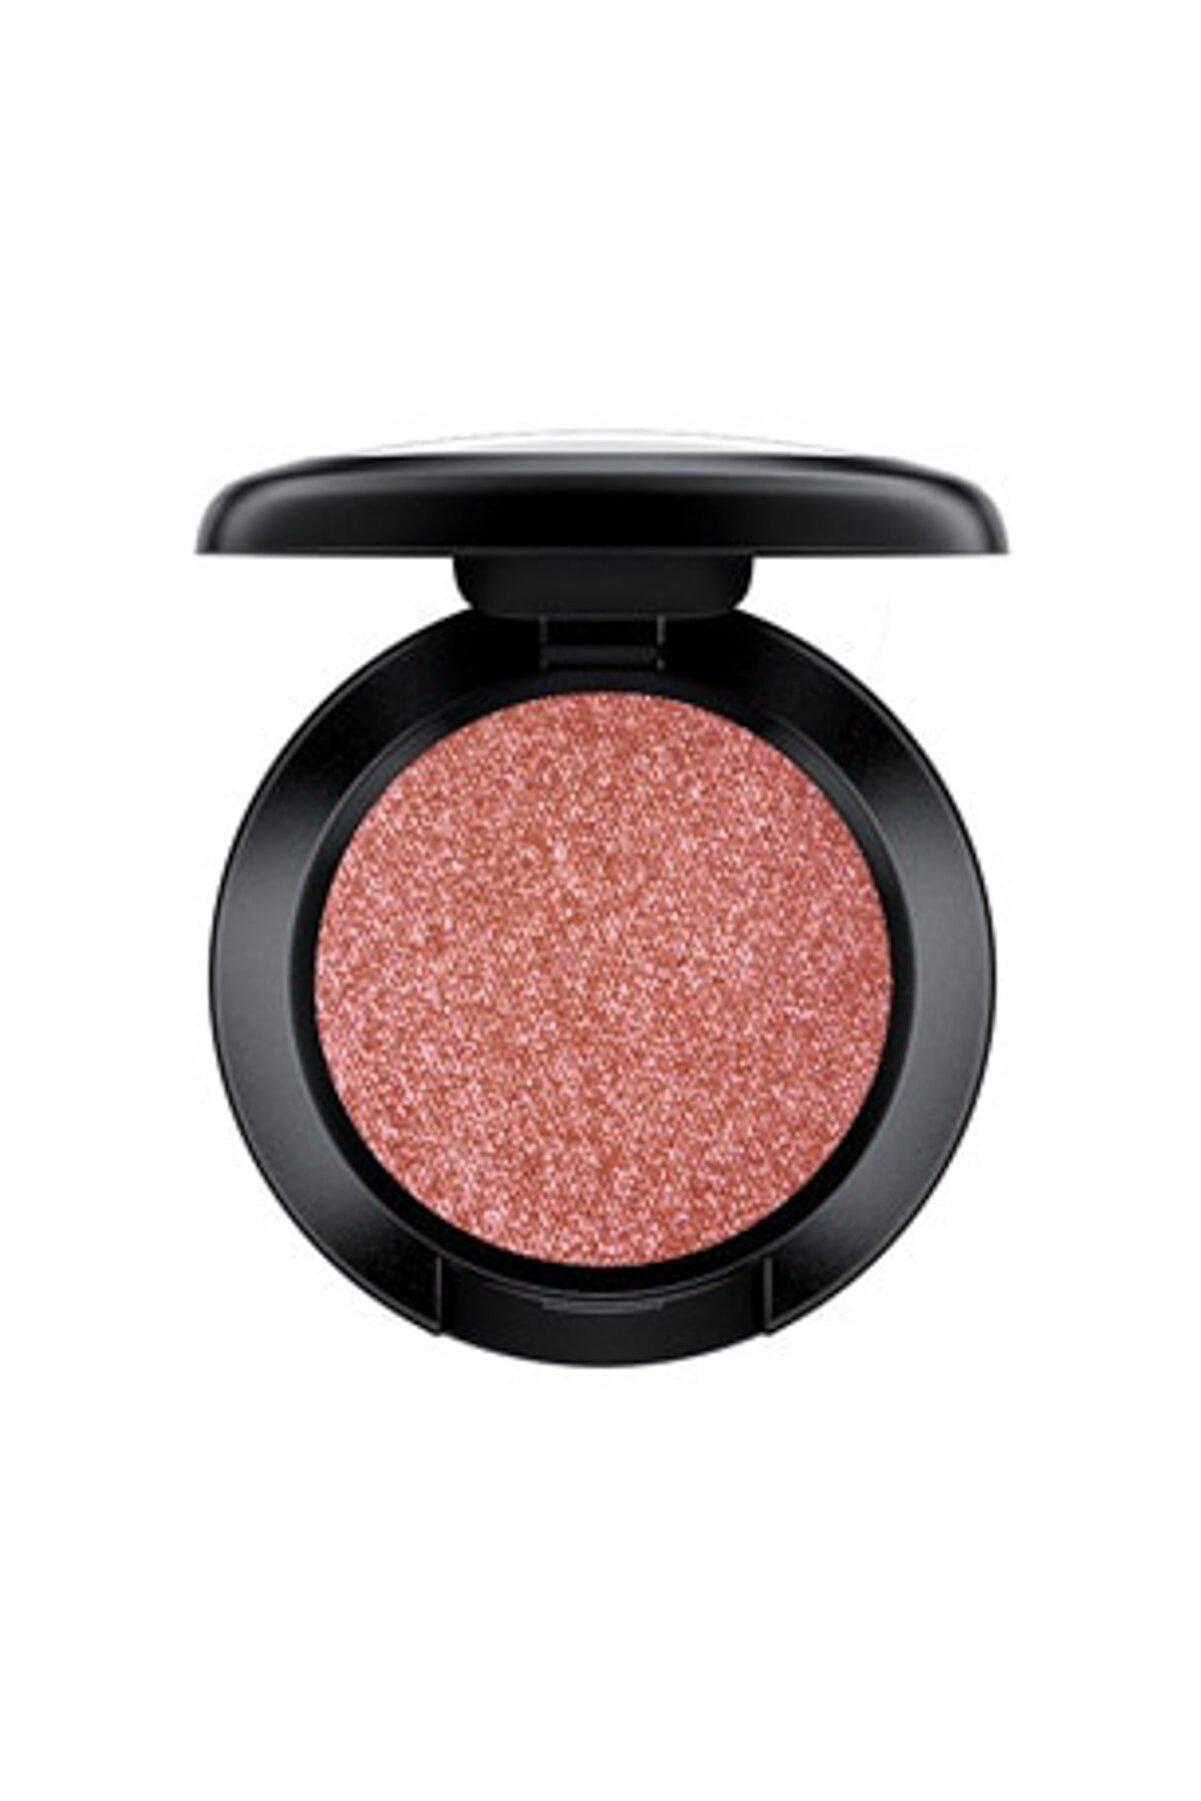 Mac Göz Farı - Eye Shadow Nude Model 773602550241